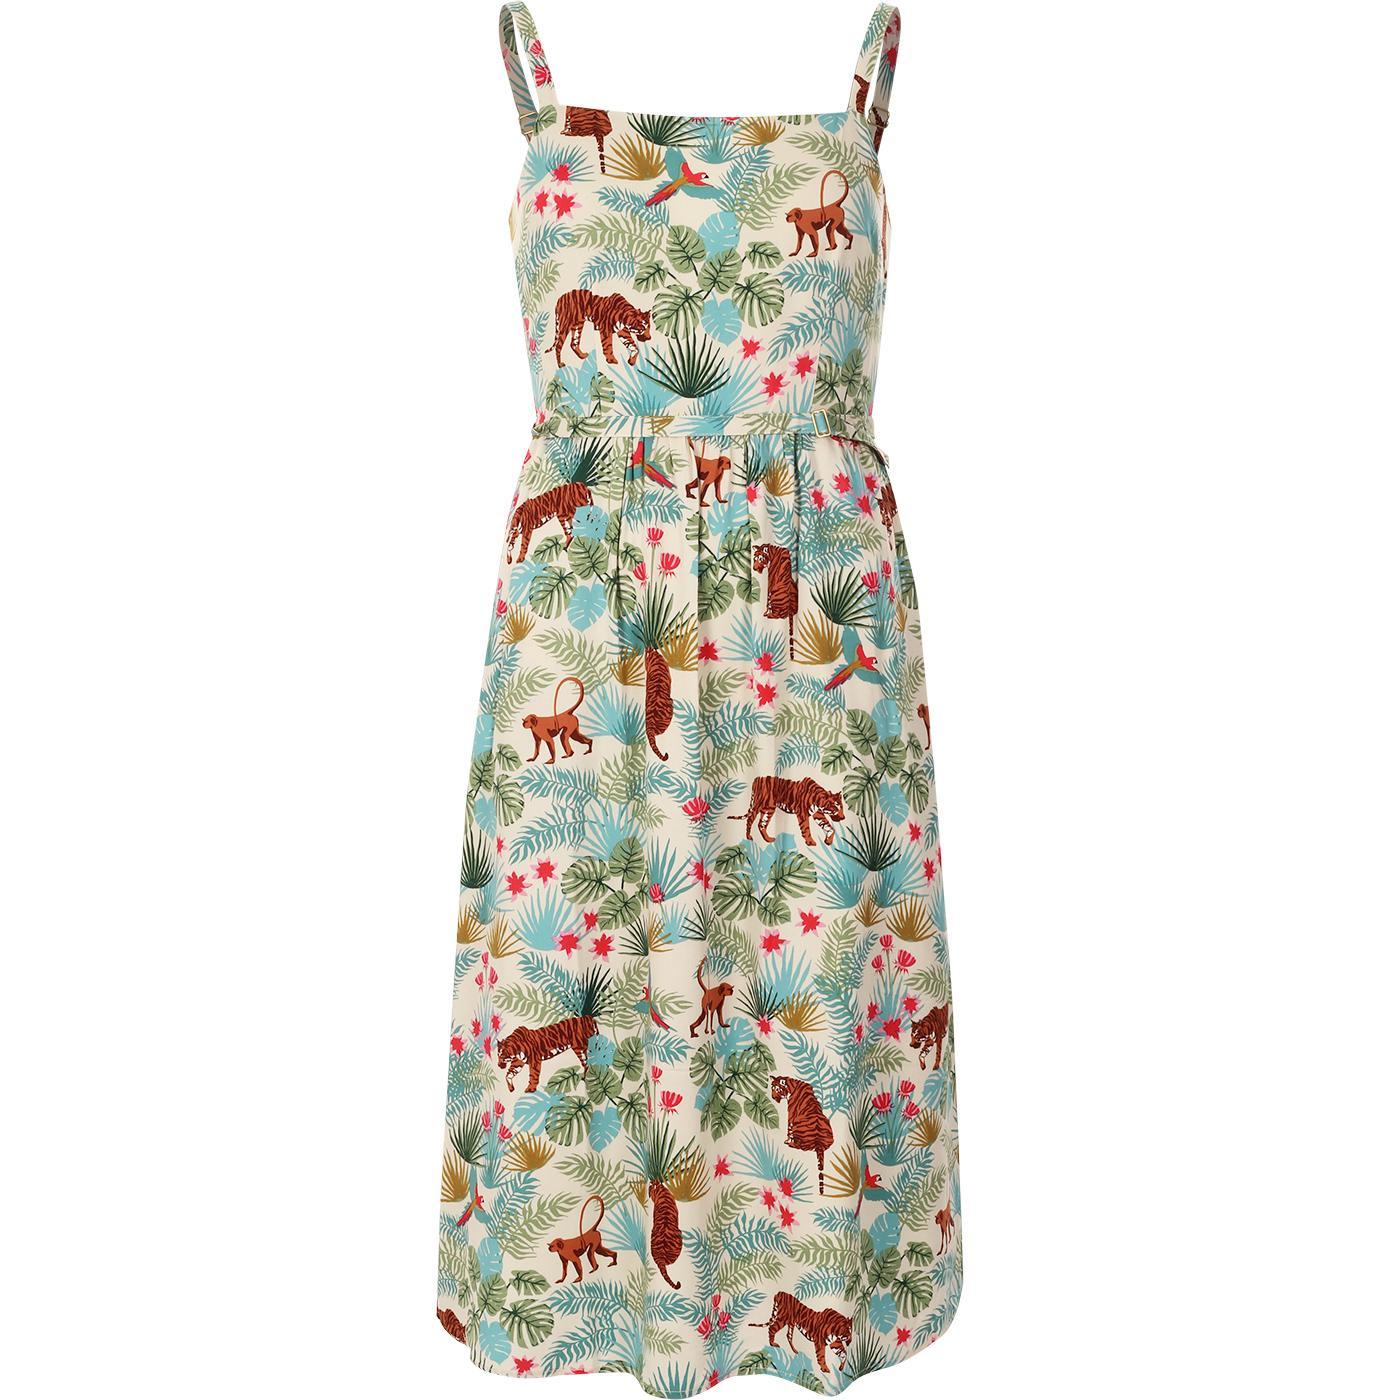 Tallulah SUGARHILL BRIGHTON Retro Jungle Sun Dress